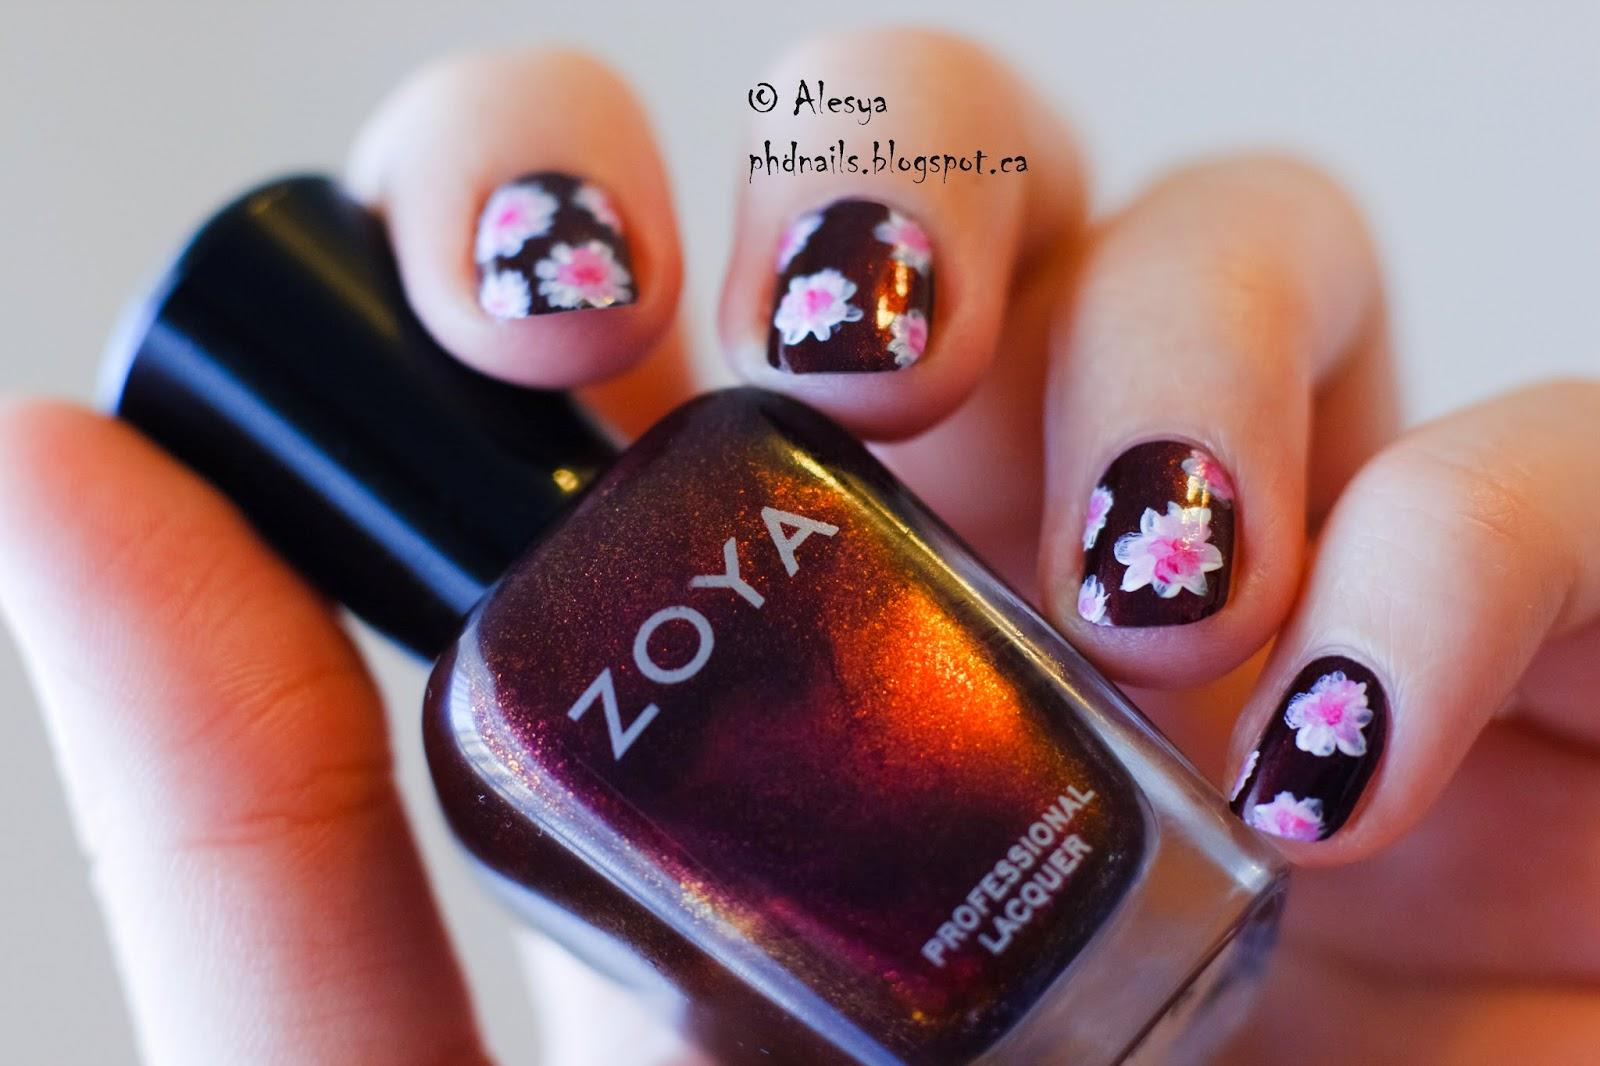 PhD nails: Mundo de Unas stamping polish review.